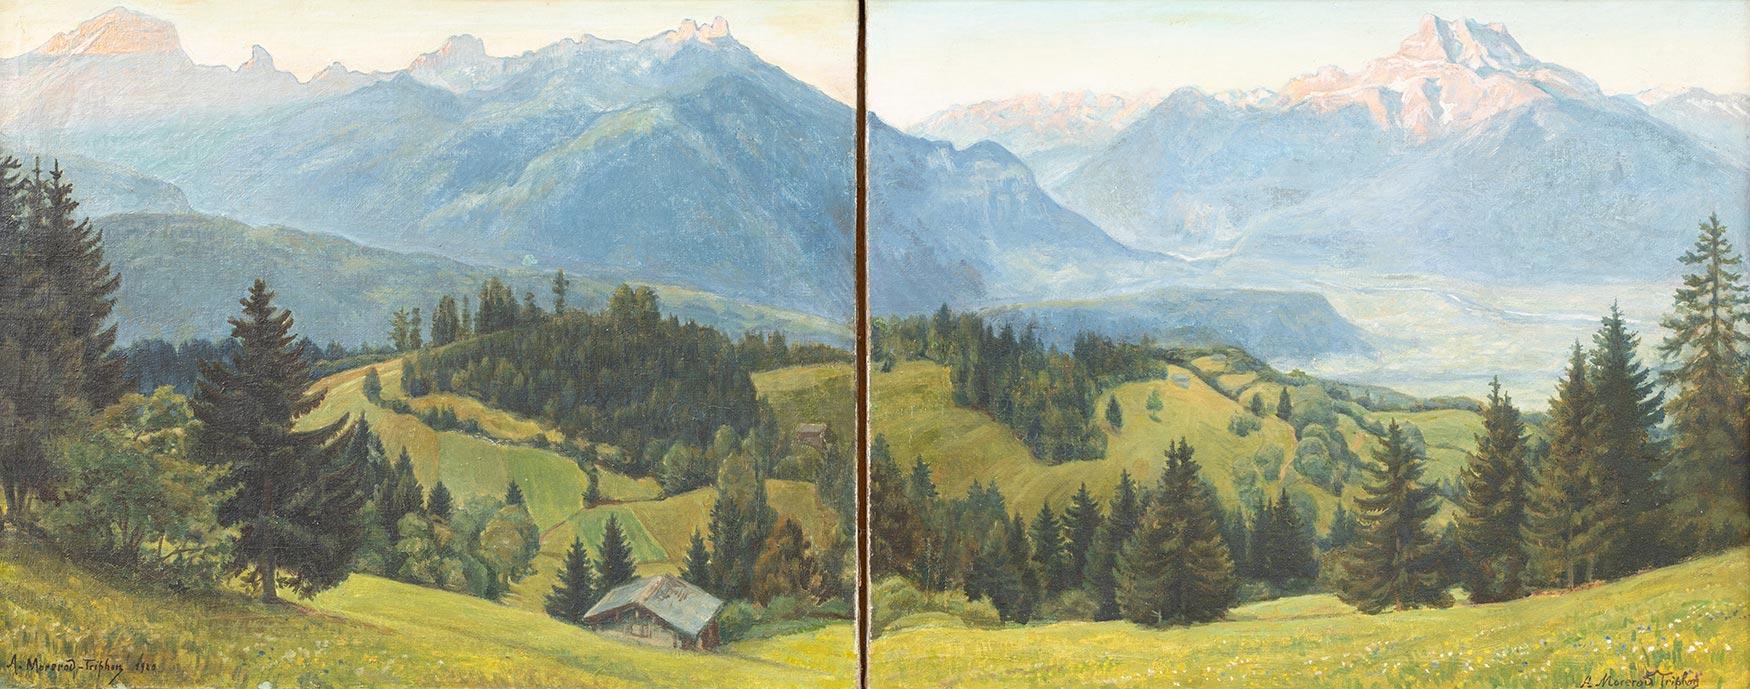 """Albert Morerod-Triphon (1871 - 1948). """"Les Alpes depuis au-dessous de Huémoz"""", huile sur toile 49 x 120cm, 1920. Galerie de la Tine, Troistorrents"""